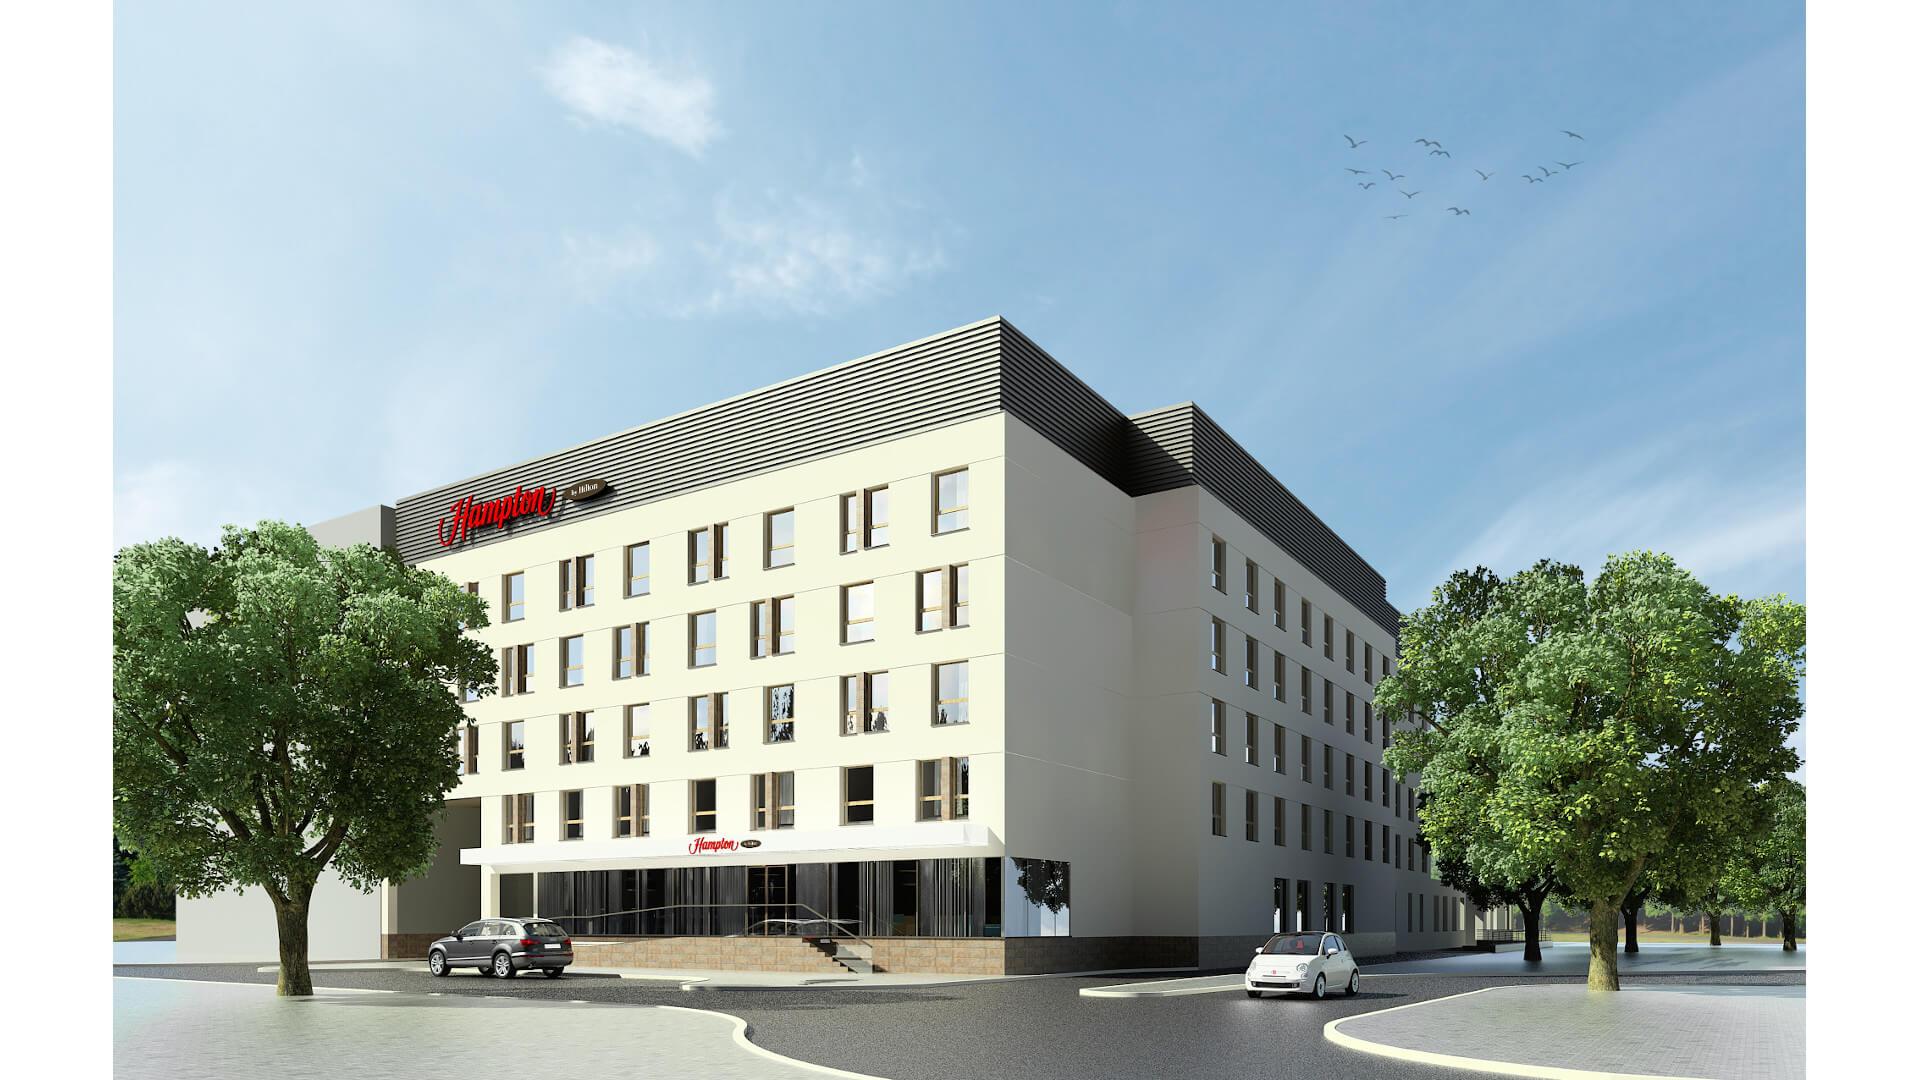 Wizualizacja hotelu Hampton by Hilton w Białymstoku, © 2021 Hilton